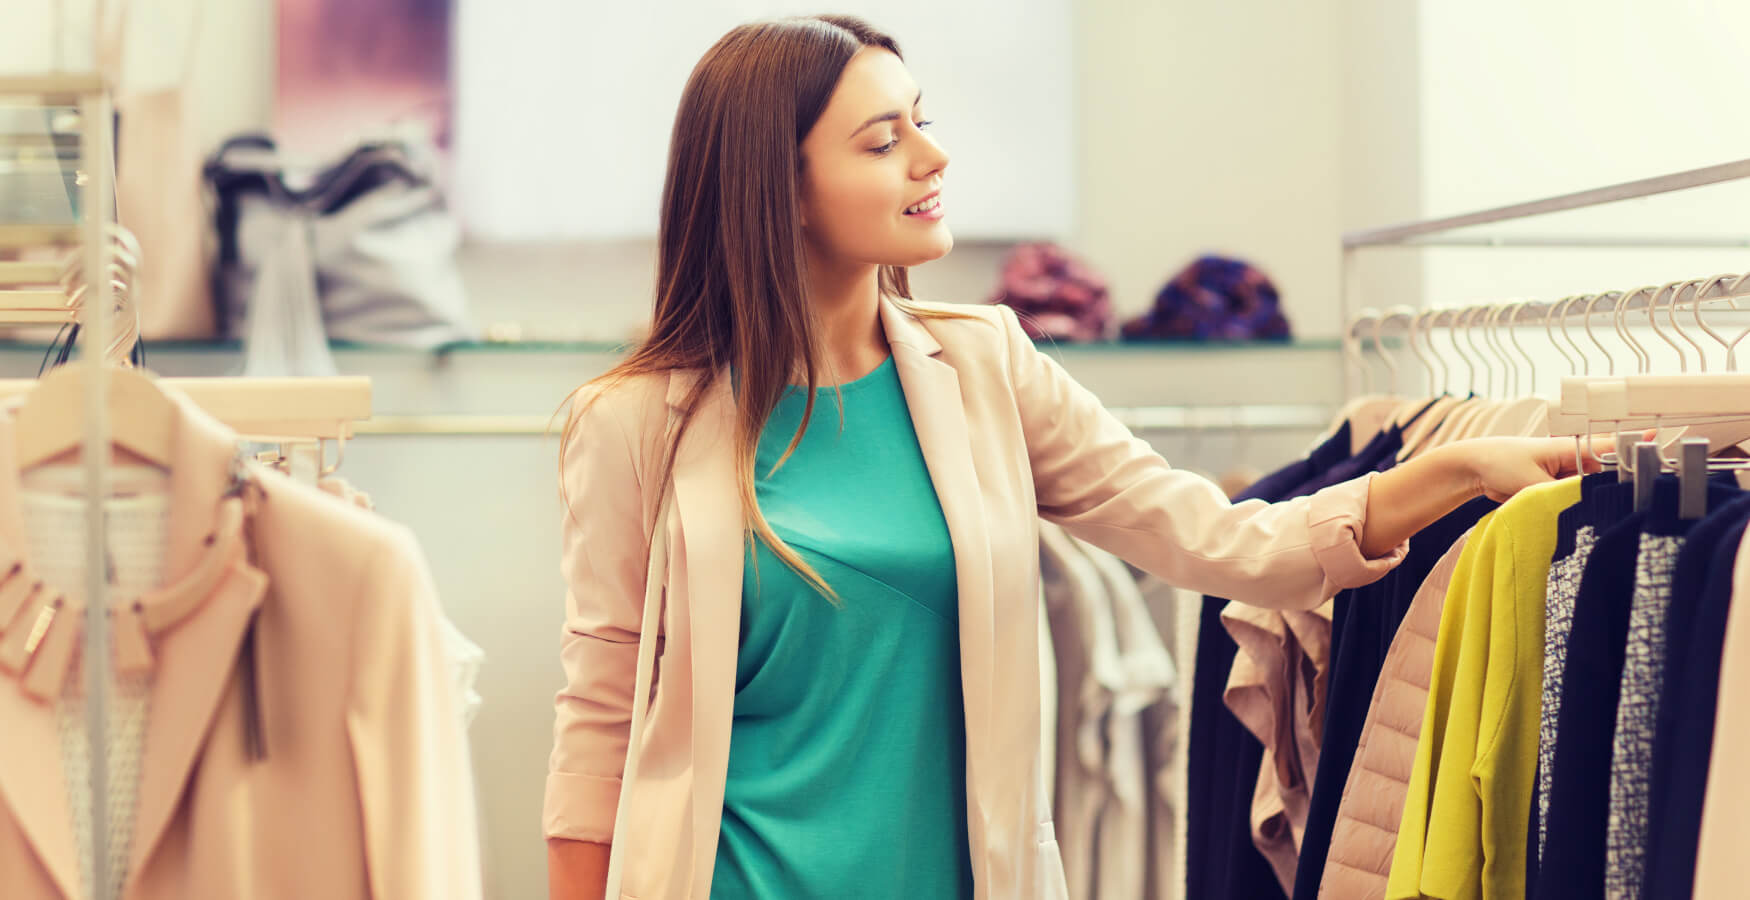 Kategorie-Bilder-Hintergrund-Frau-beim-Einkaufen